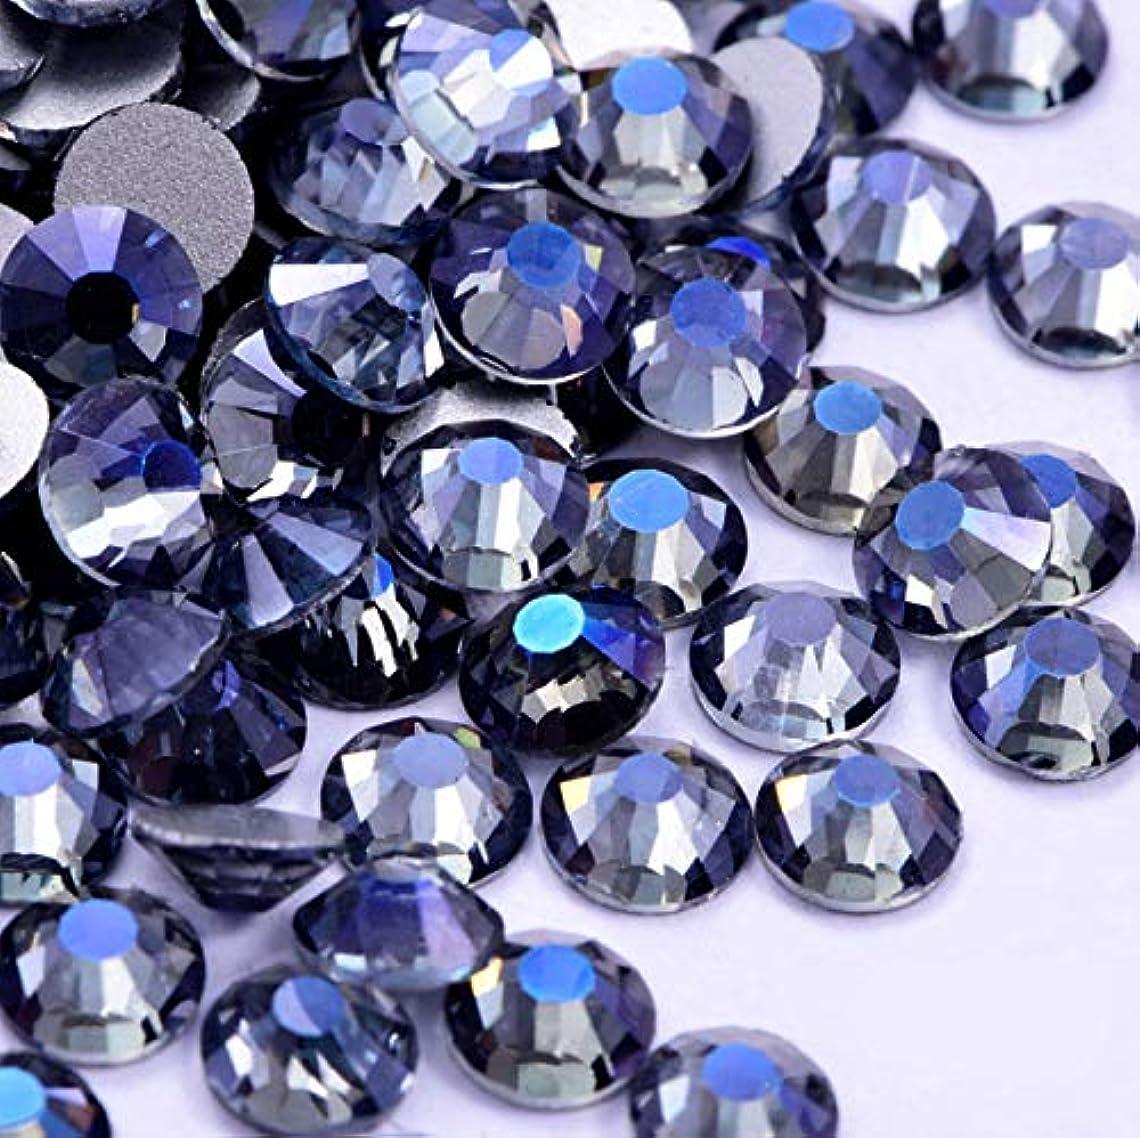 つかの間バナナジャンクション【ラインストーン77】高品質ガラス製ラインストーン 色/サイズ選択可 SS3~SS50 (パープルゴースト, SS20:約4.7mm(約120粒))